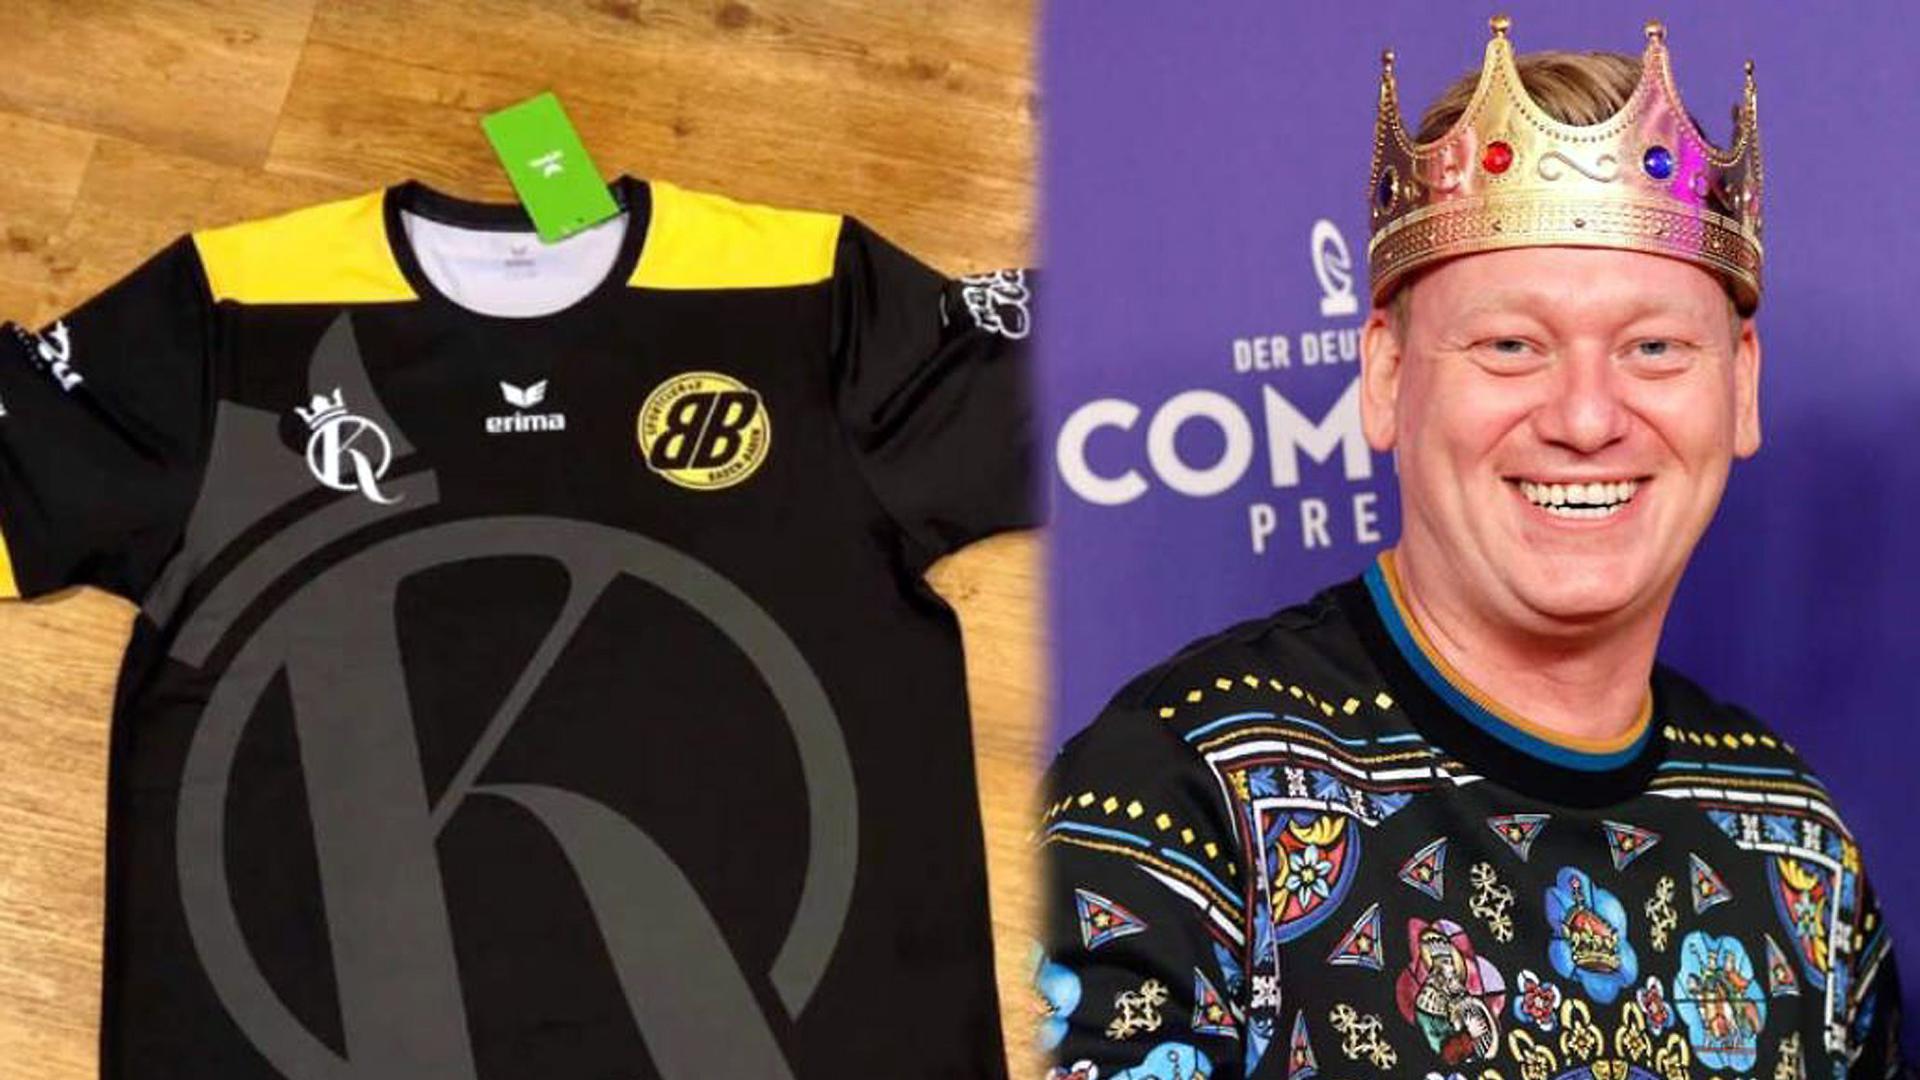 Twitch-Star wird Trikot-Sponsor: Jens Knossalla engagiert sich in seiner Heimat für den SC Baden-Baden.